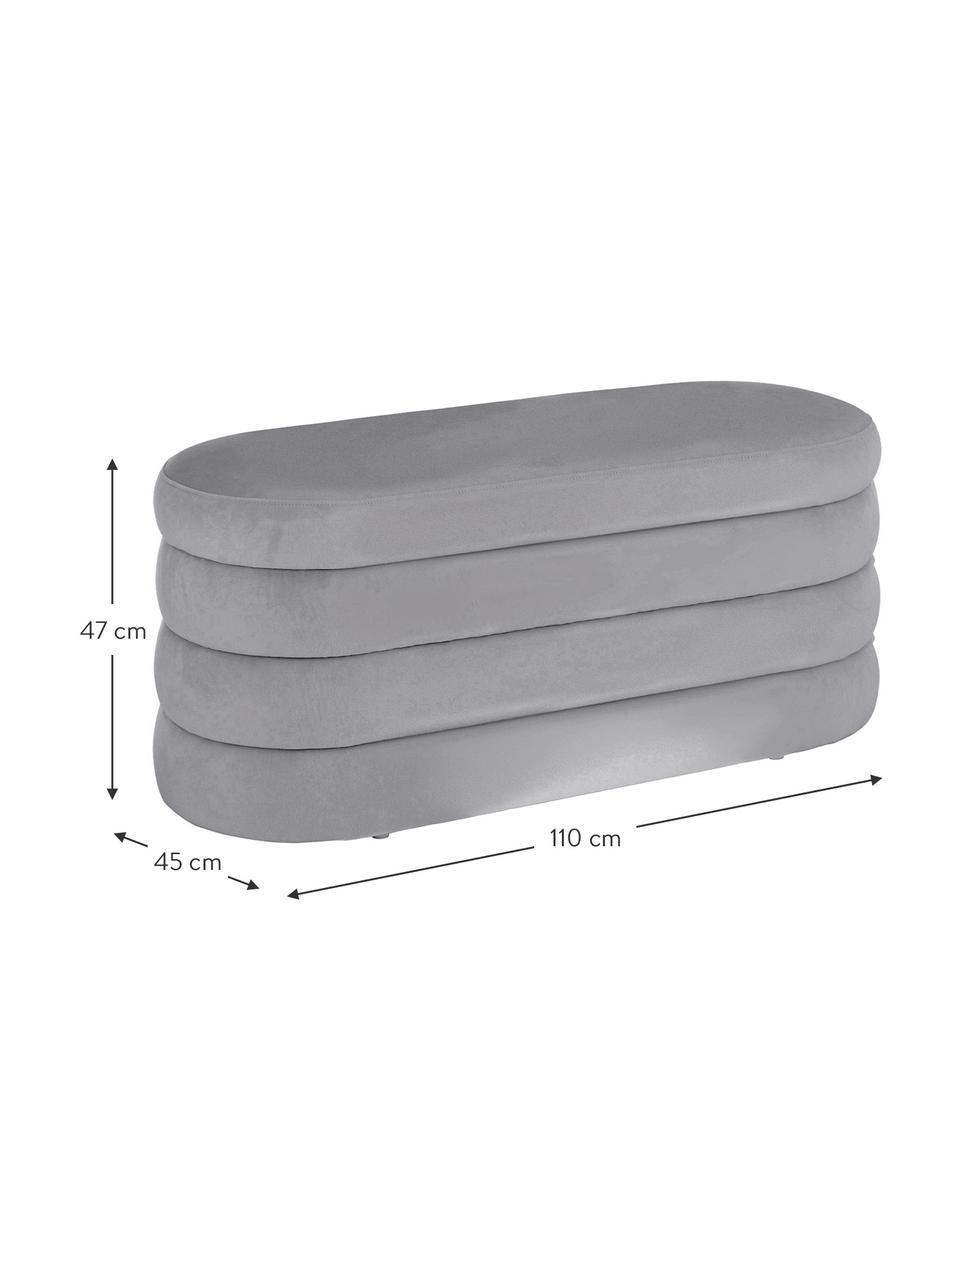 Panca imbottita in velluto grigio Alto, Rivestimento: velluto (100% poliestere), Struttura: legno di pino massiccio, , Velluto grigio, Larg. 110 x Alt. 47 cm